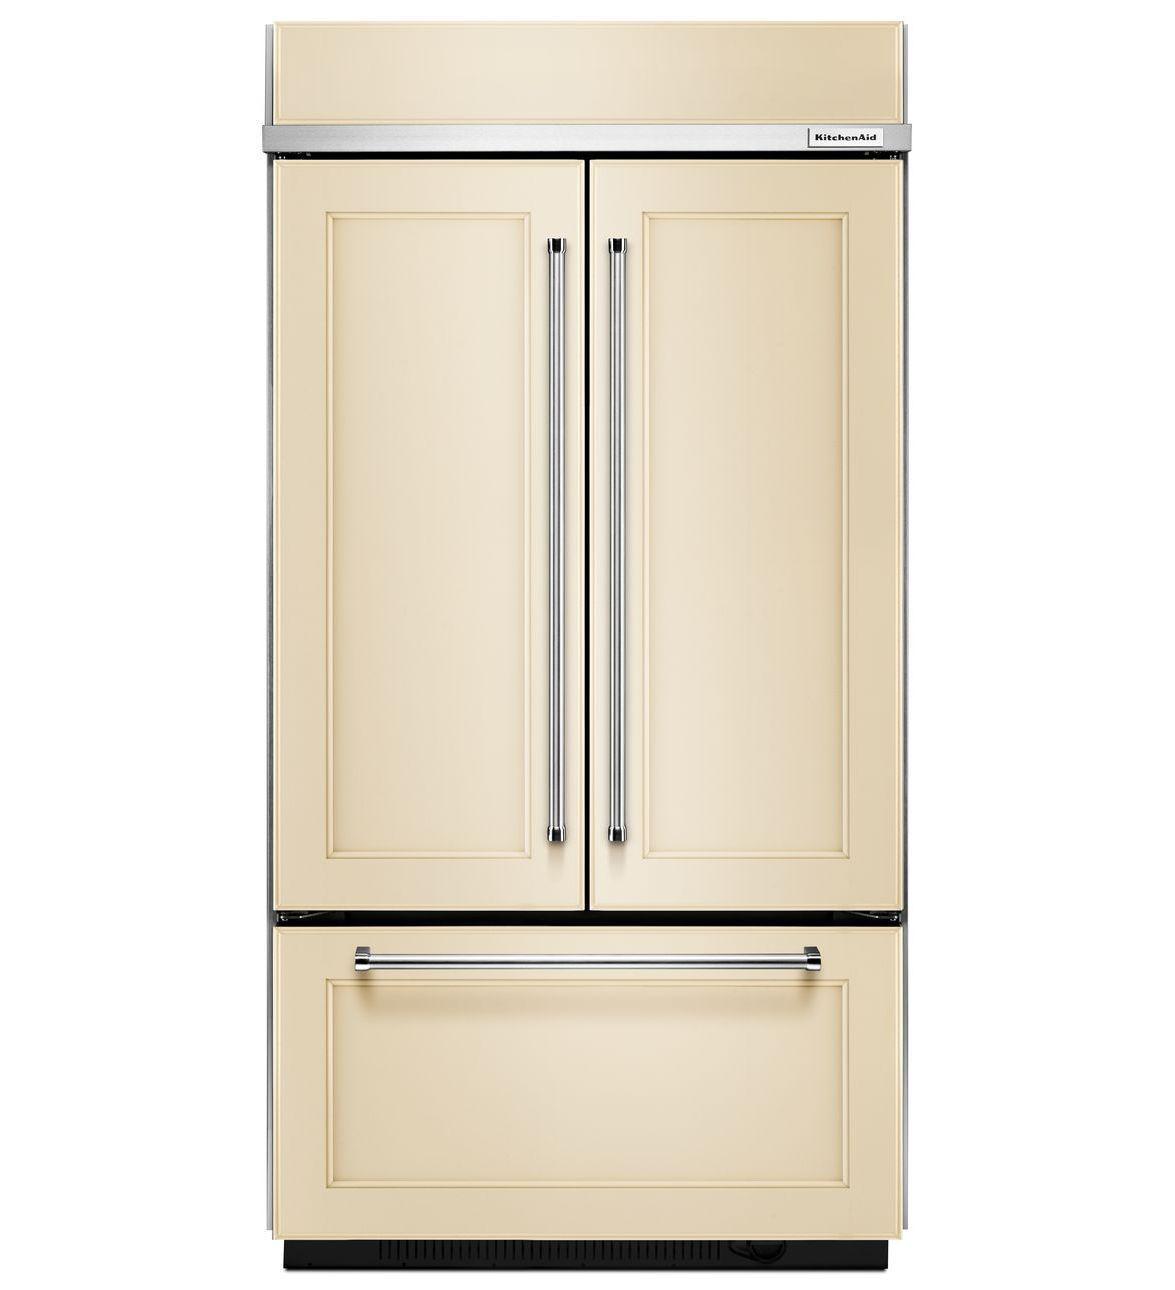 Krfc302epa kitchenaid 22 cuft 36 width counter depth